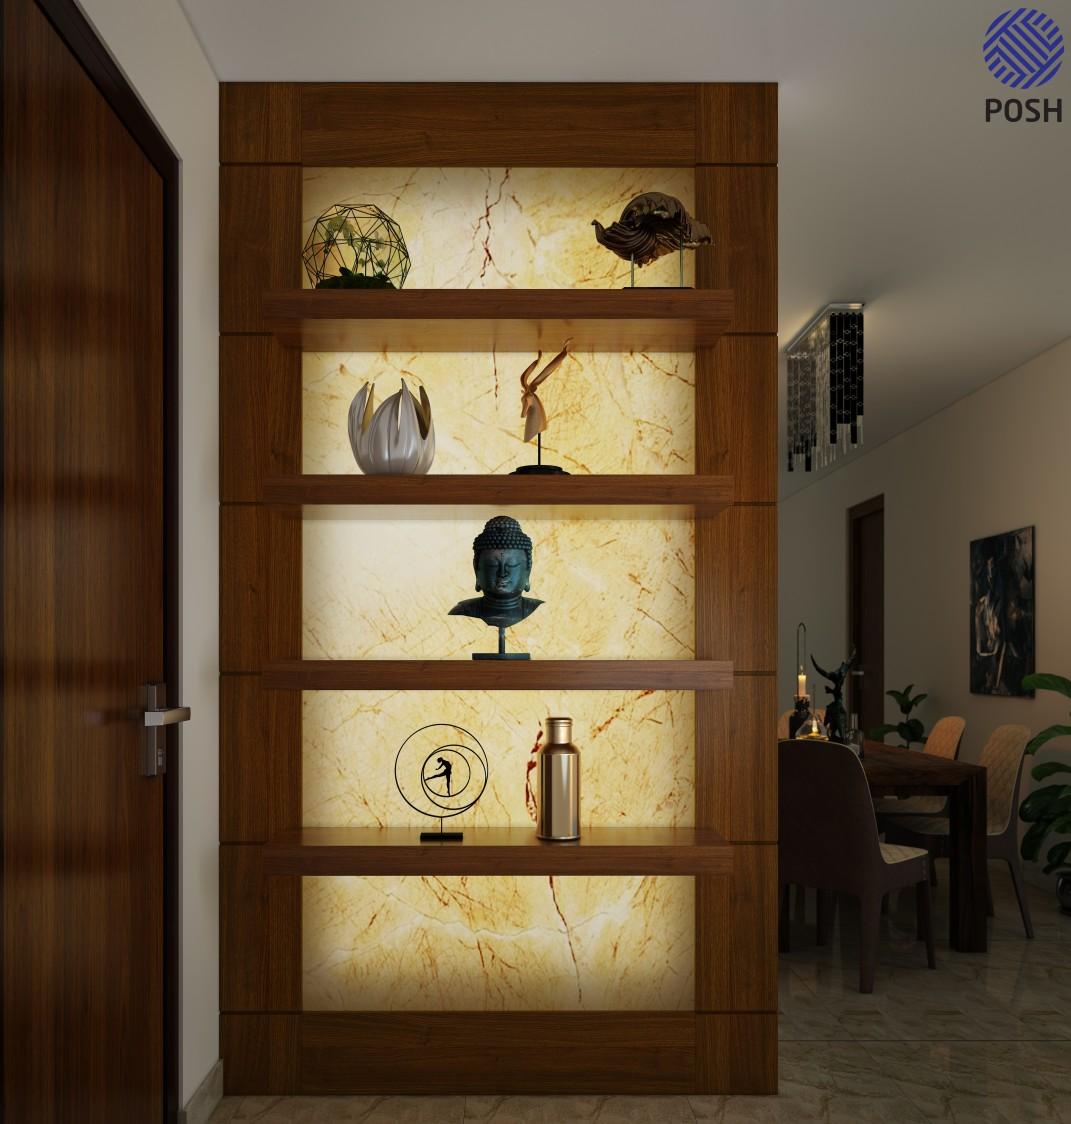 Contemporary display set by Priyanka Rai Living-room Contemporary | Interior Design Photos & Ideas